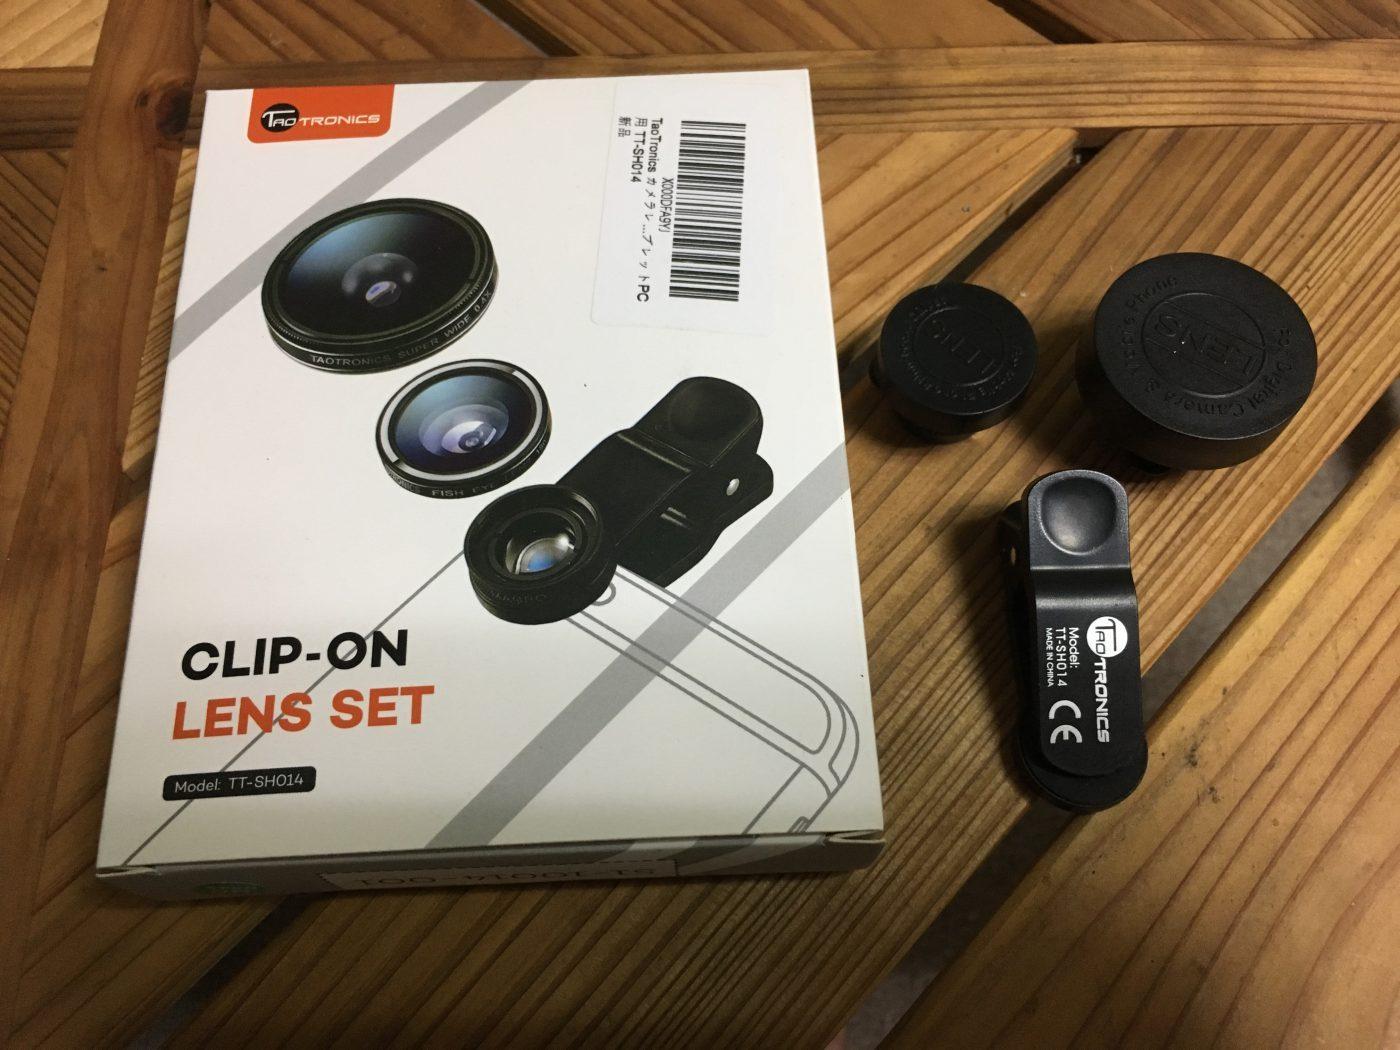 amazonの格安スマホ用レンズのレビュー